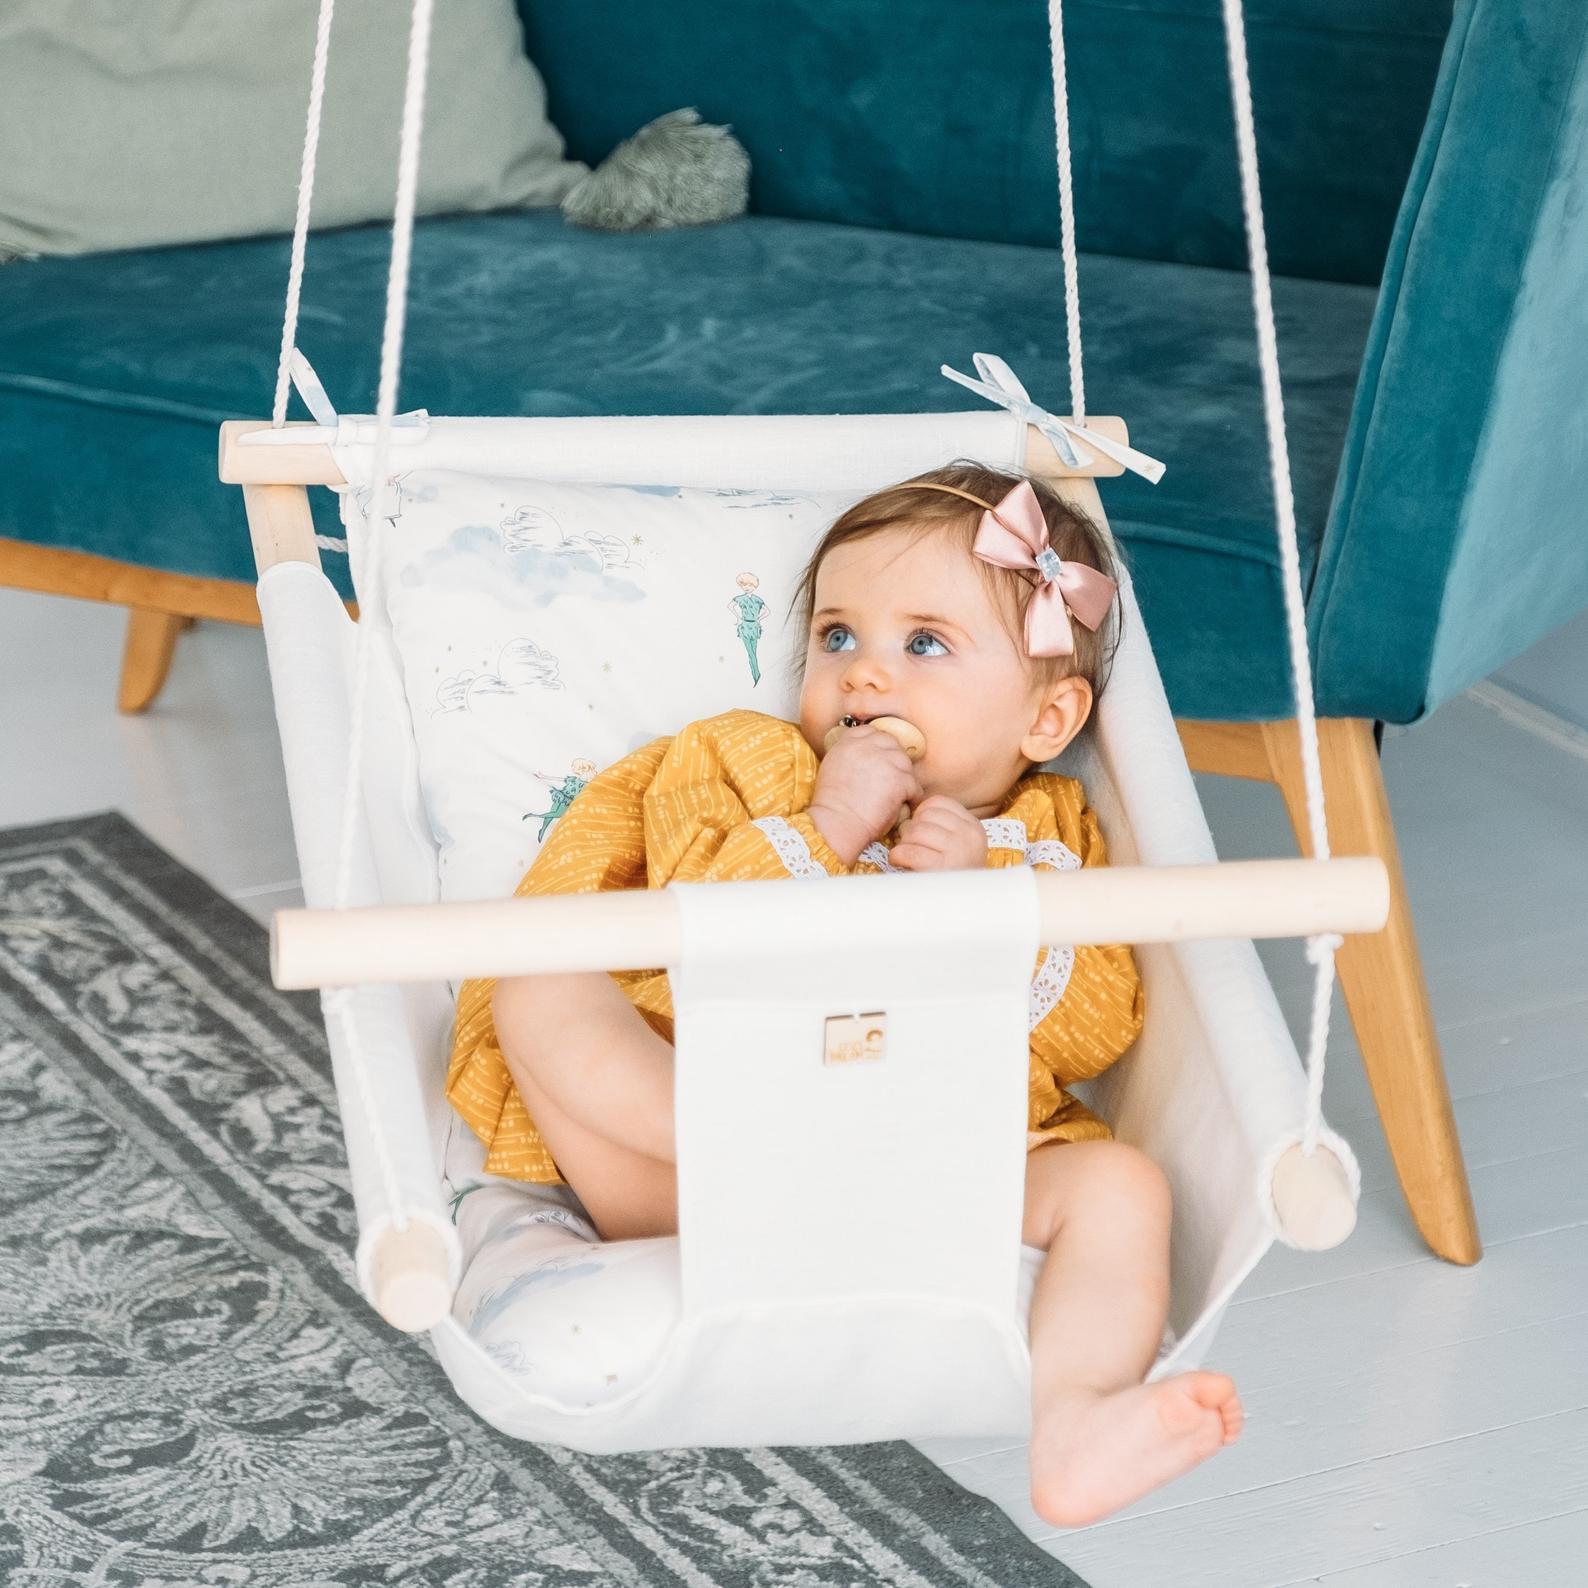 Baby Linen Indoor and Outdoor Swing By Cozy Dream Swing